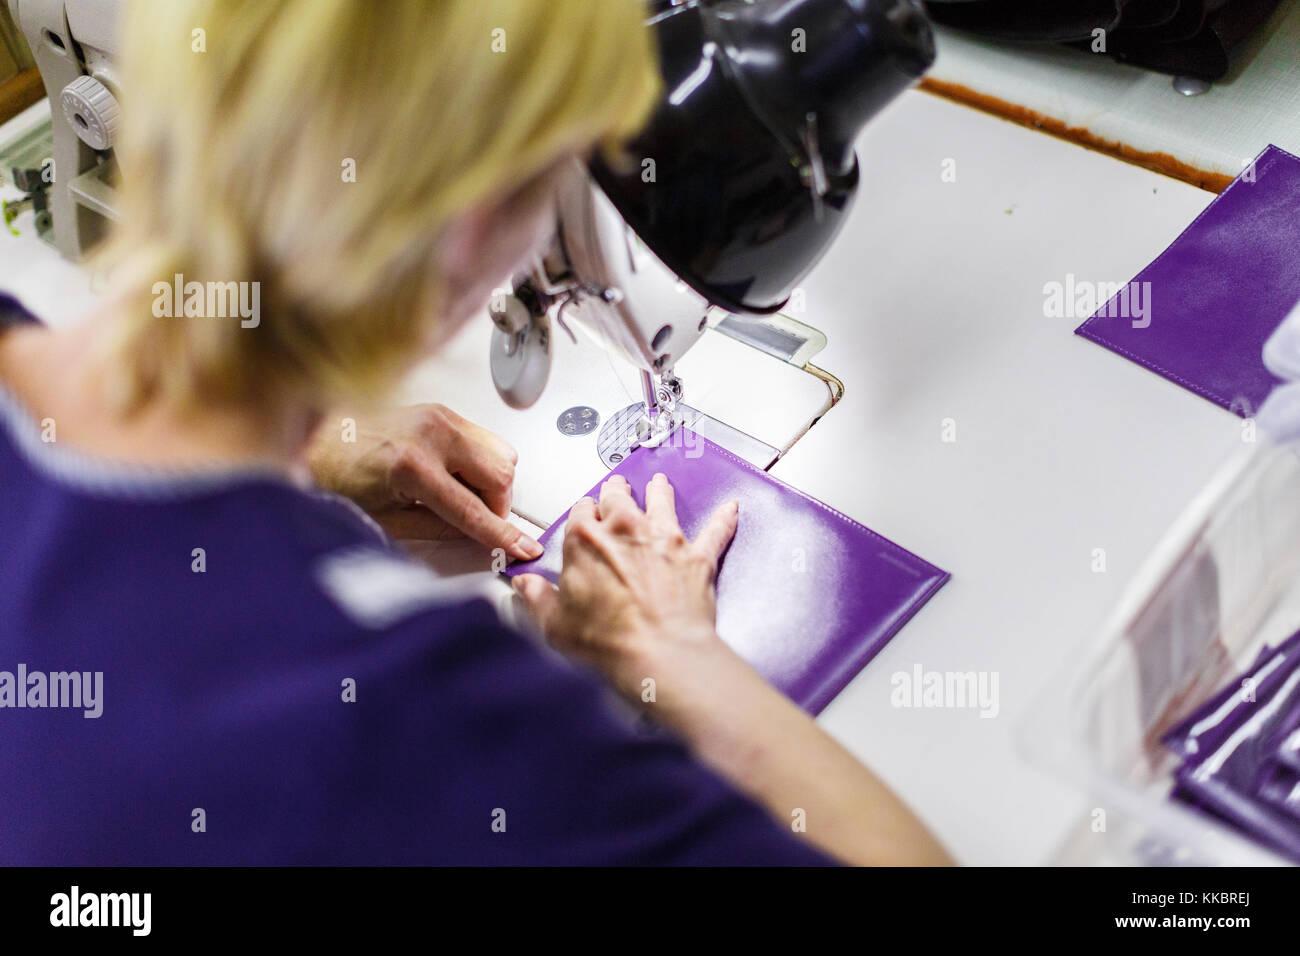 Mulher costura uma bolsa Imagens de Stock